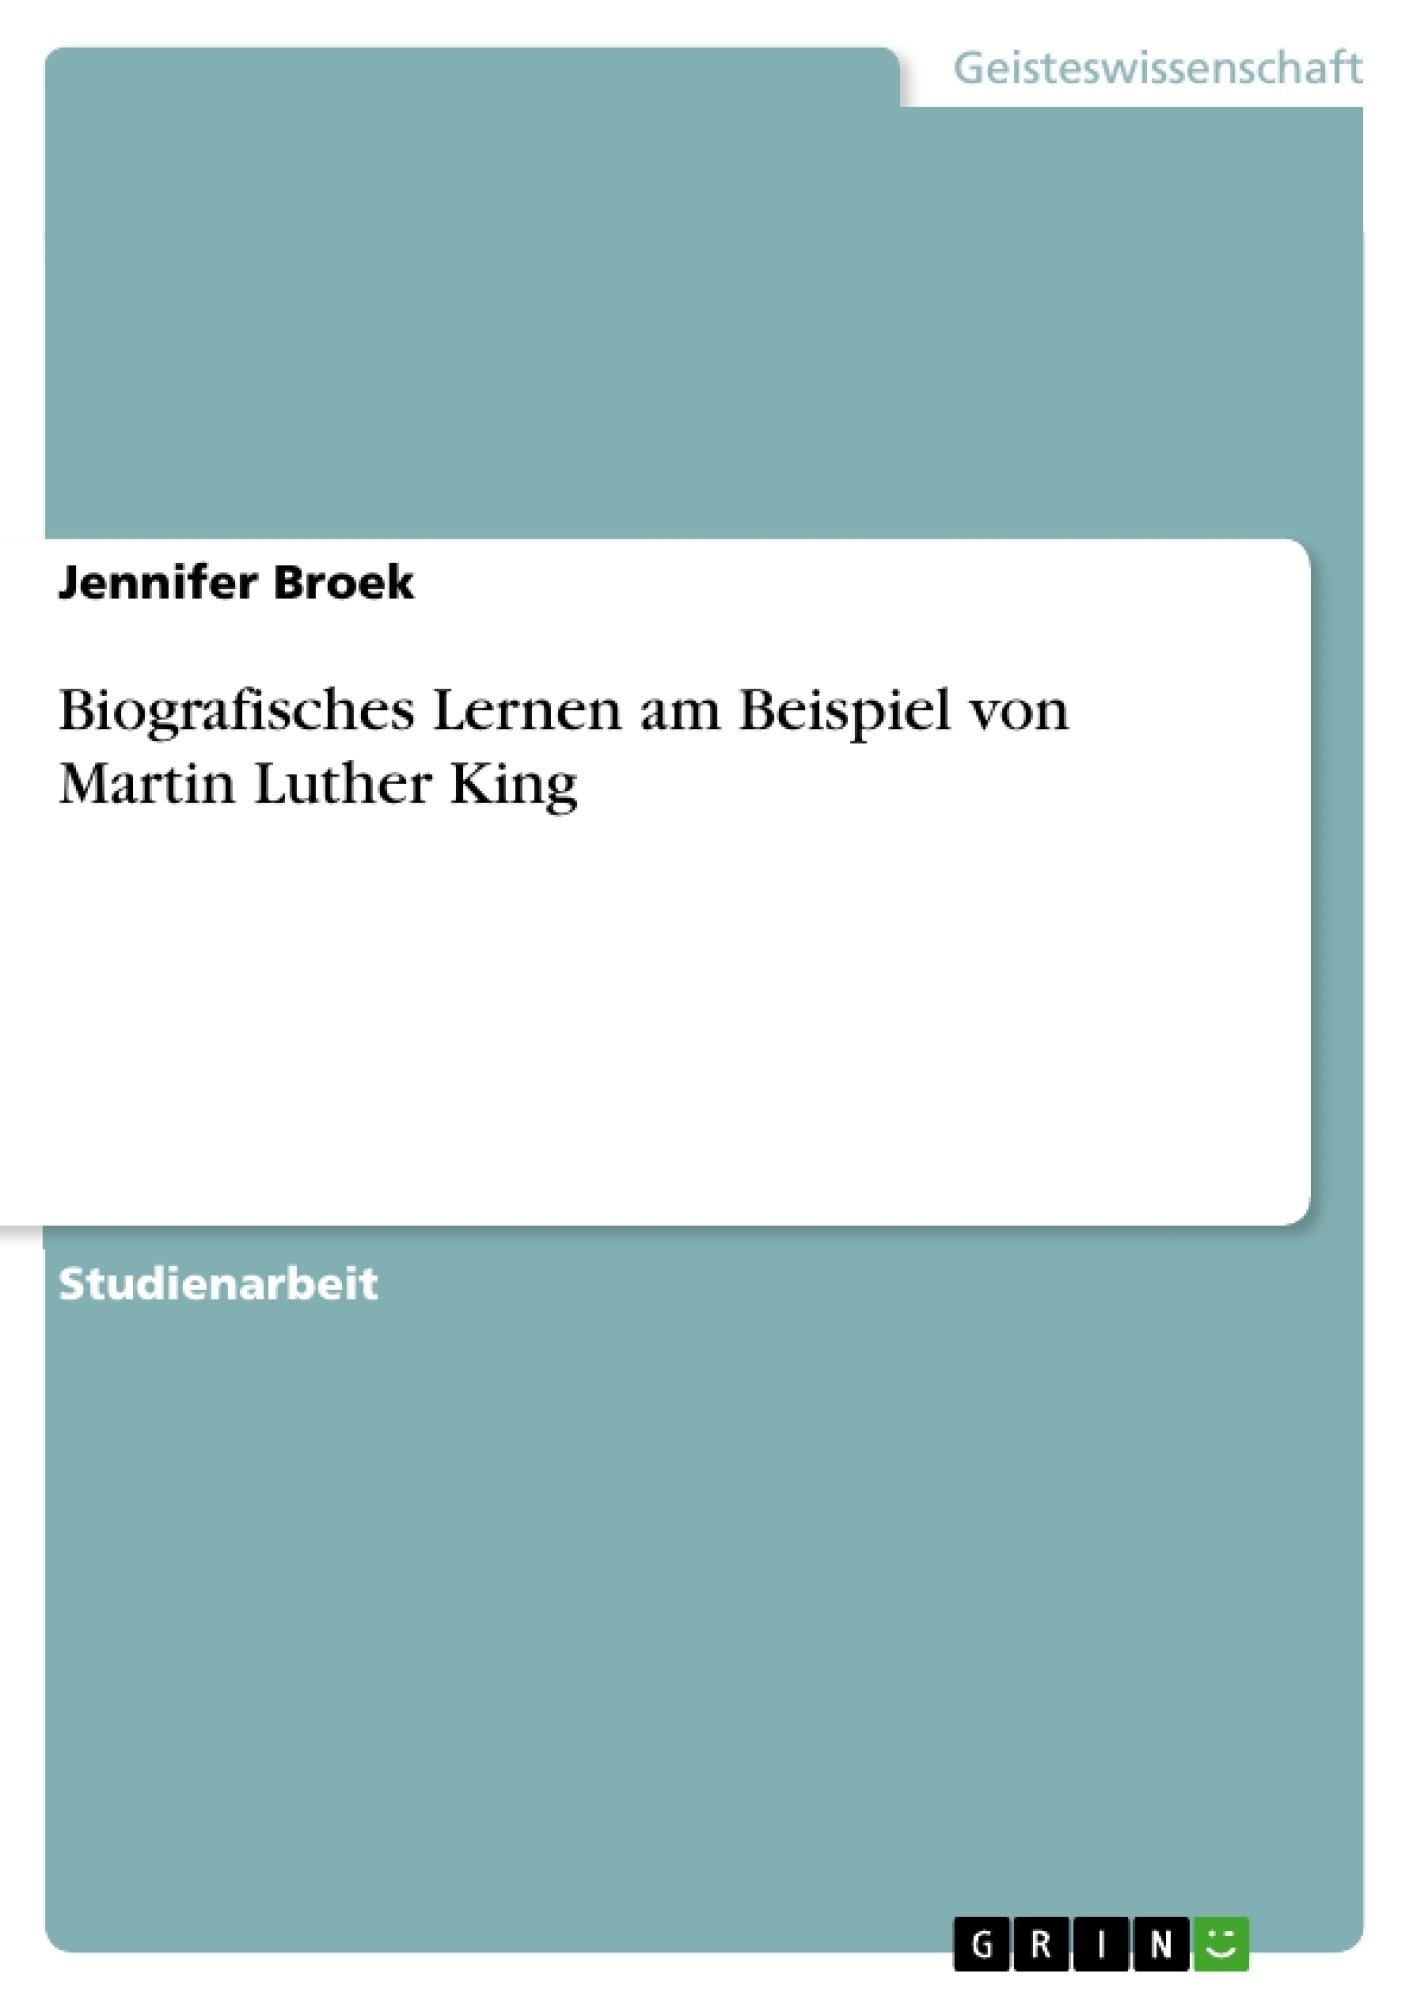 Titel: Biografisches Lernen am Beispiel von Martin Luther King